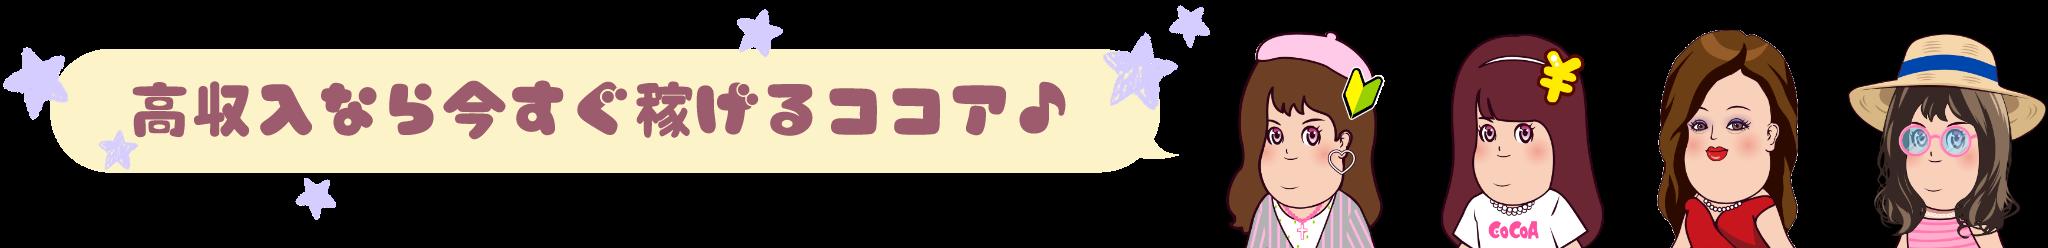 ココアちゃん(求人ココアのイメージキャラクター)画像5